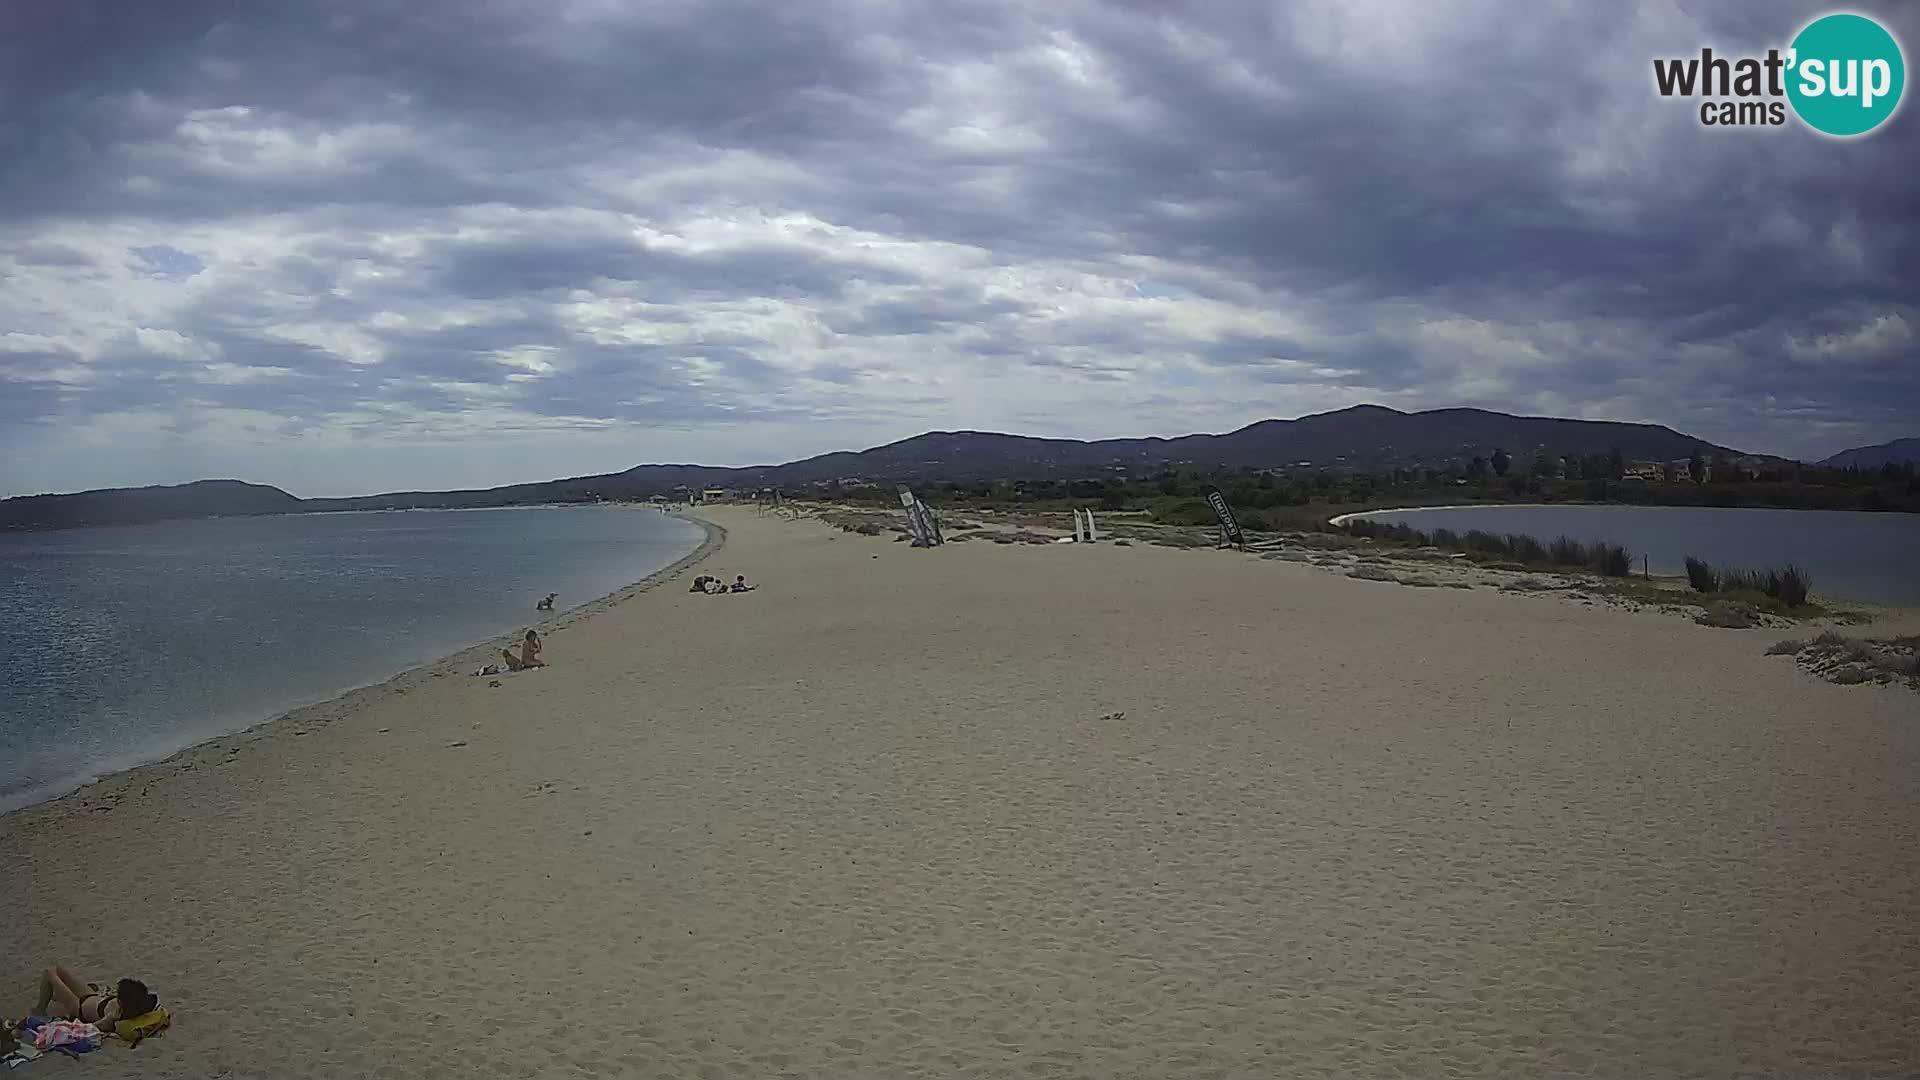 Olbia camera en vivo playa Le Saline – Cerdeña – Italia